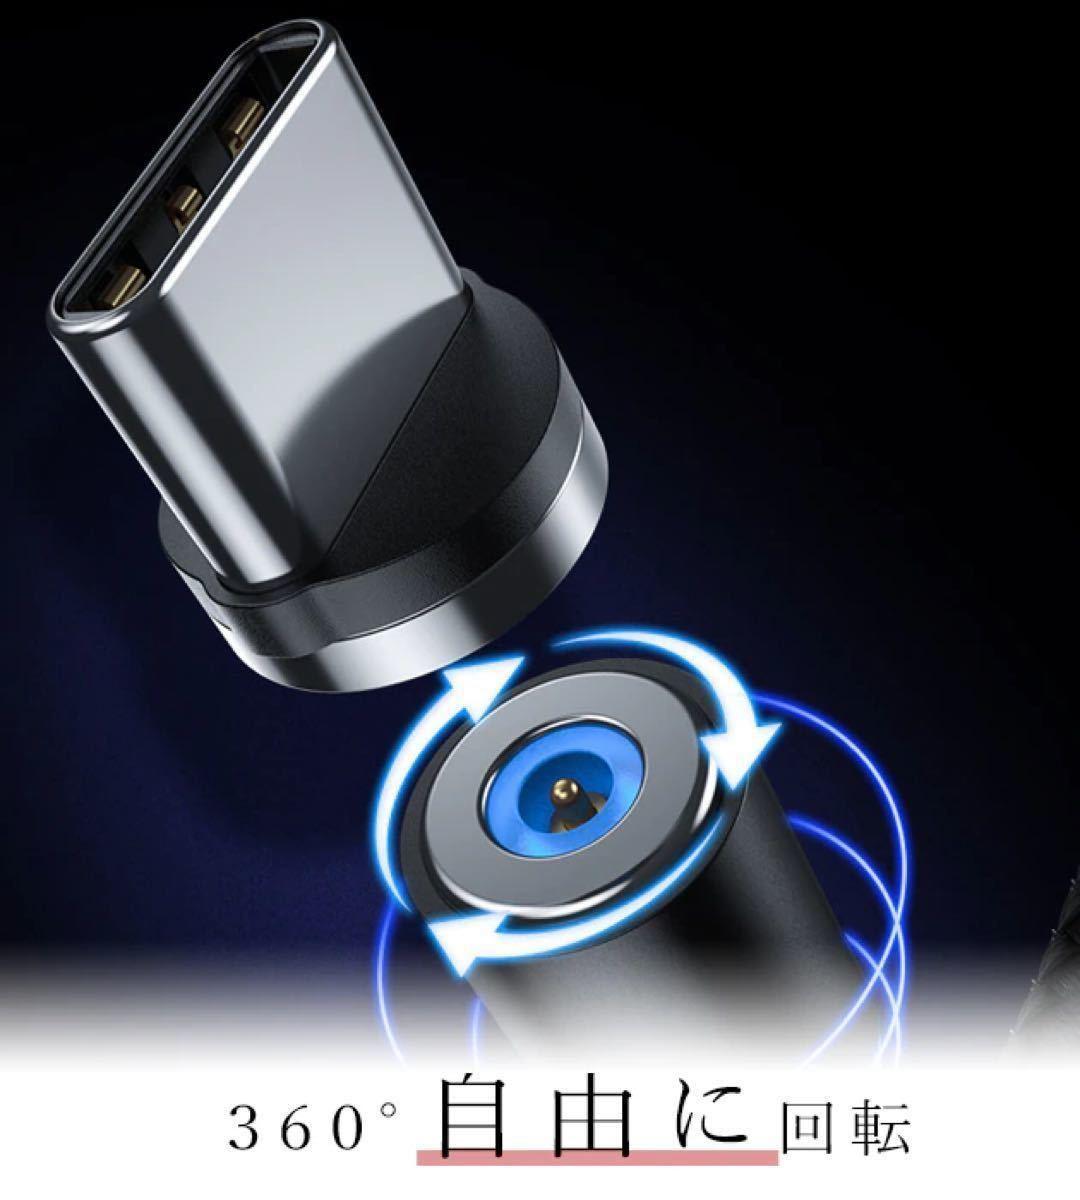 マグネット充電ケーブル 1M*3+端子6個(iPhone *2+Android*2+TYPE-C*2)急速充電 磁石式 ケーブル